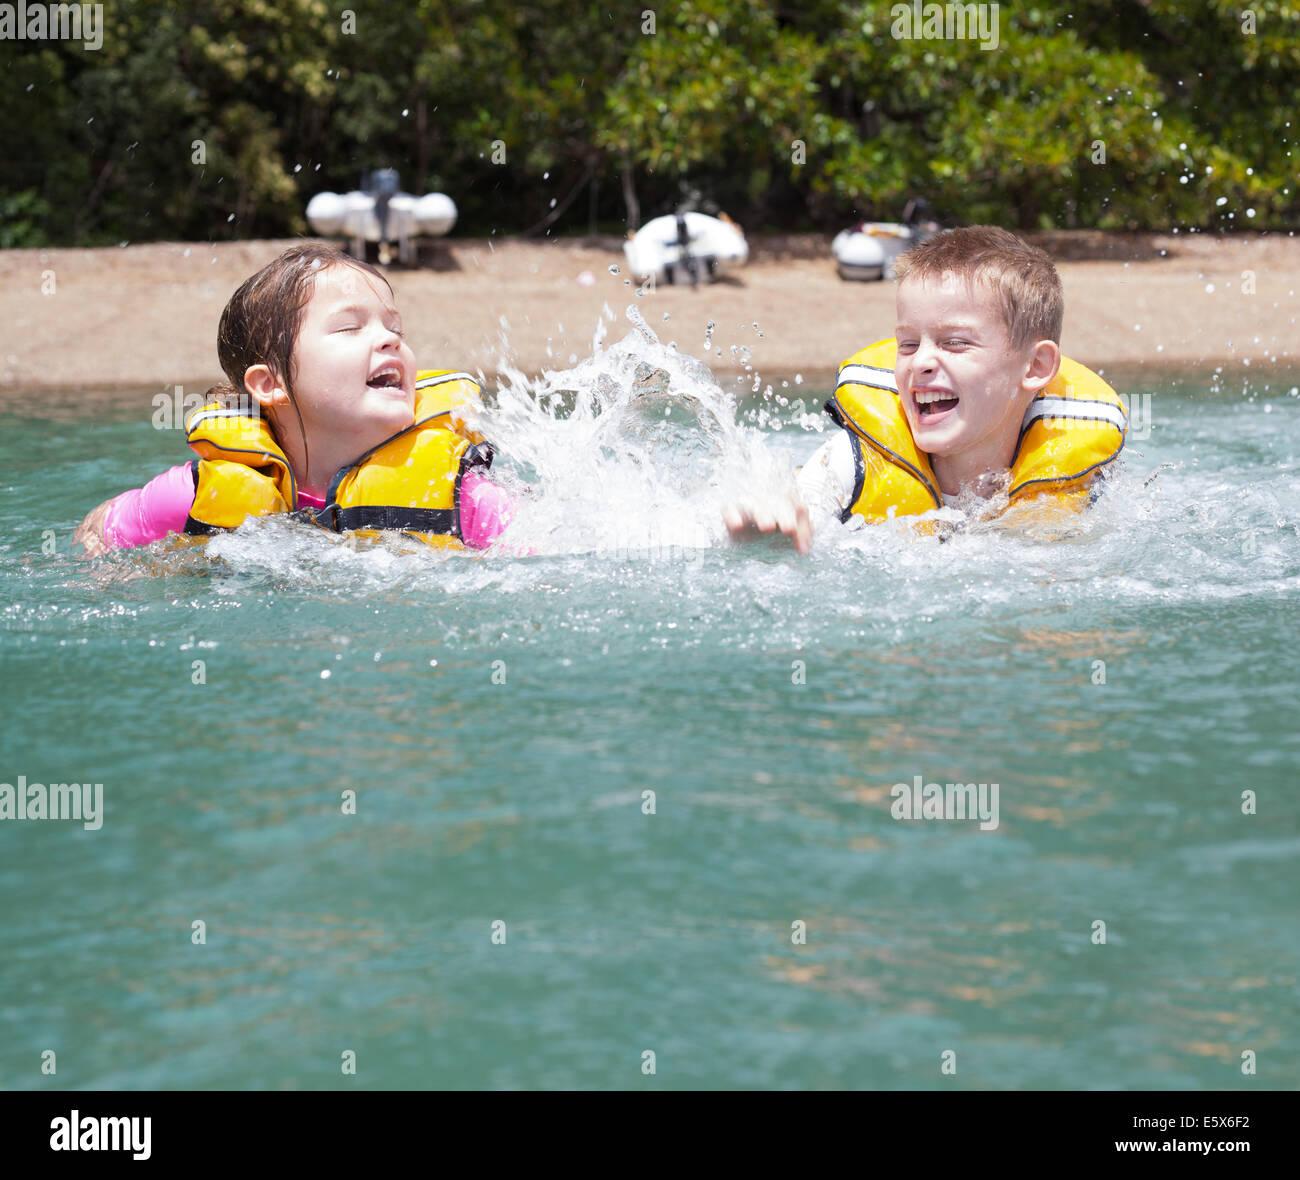 Fratello e Sorella gioca combattimenti e spruzzi in mare Immagini Stock